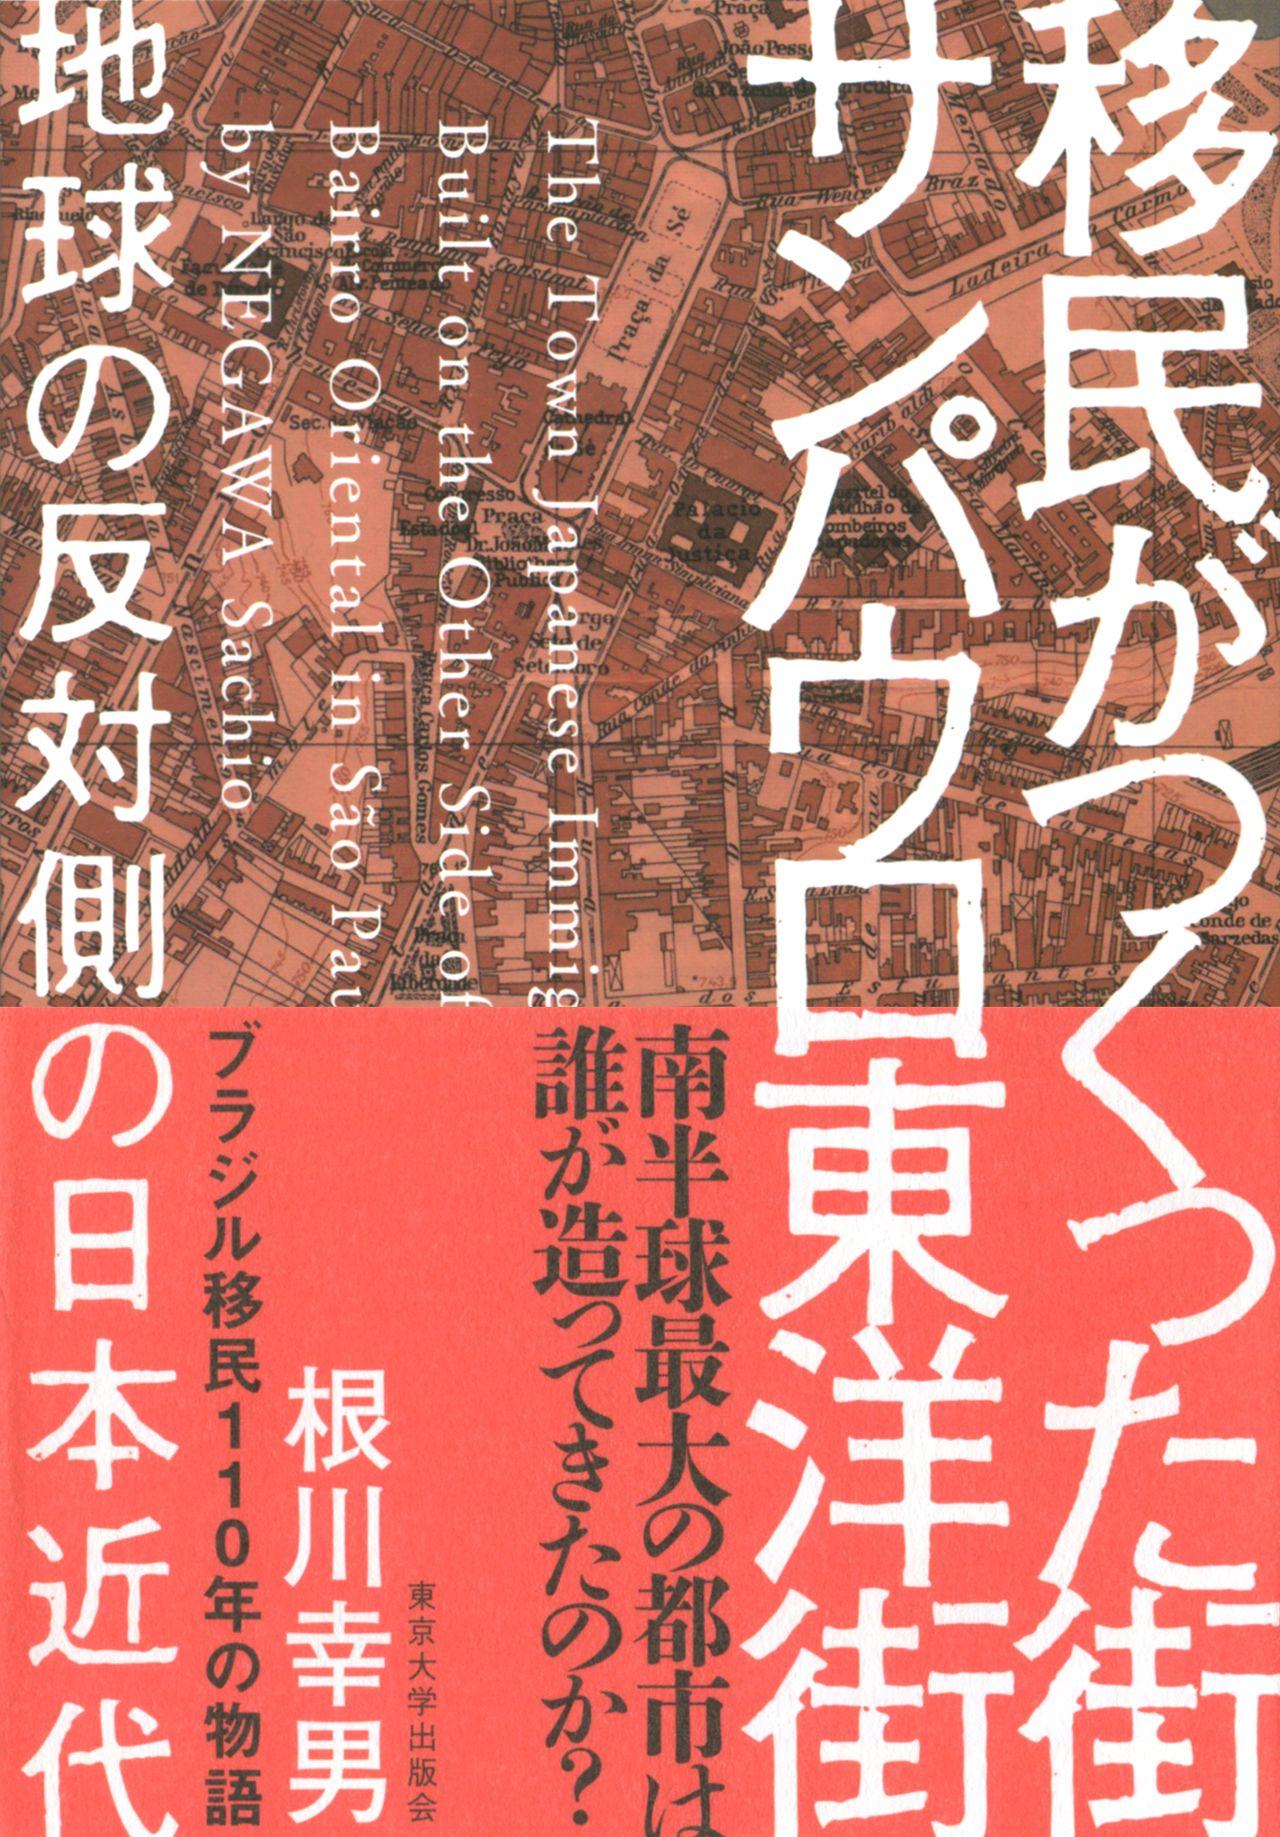 Imin ga tsukutta machi San Pauro Tōyōgai: Chikyū no hantaigawa no Nihon kindai (Kota Imigran Jepang yang Dibangun di Sisi Lain Dunia: Bairro Oriental di São Paulo).